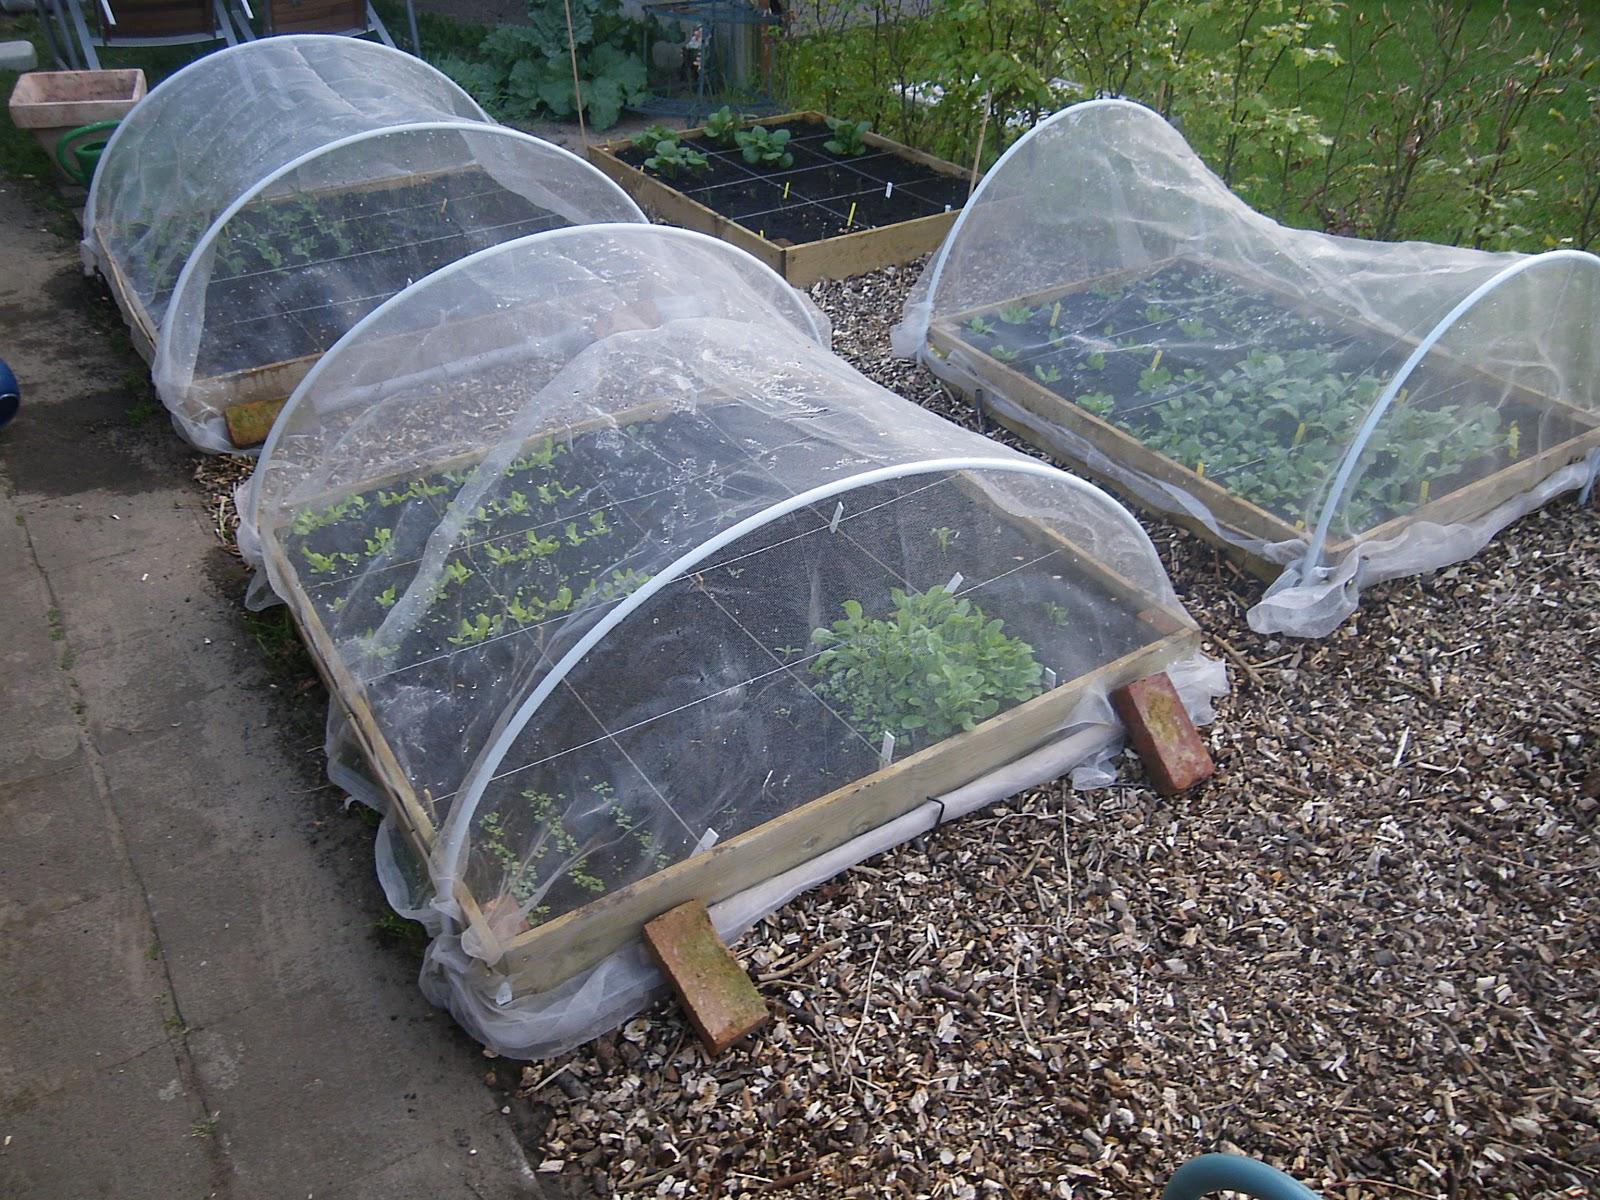 Vierkante Meter Tuin : Vierkante meter tuin voor basisschool de kasteeltuin in roermond